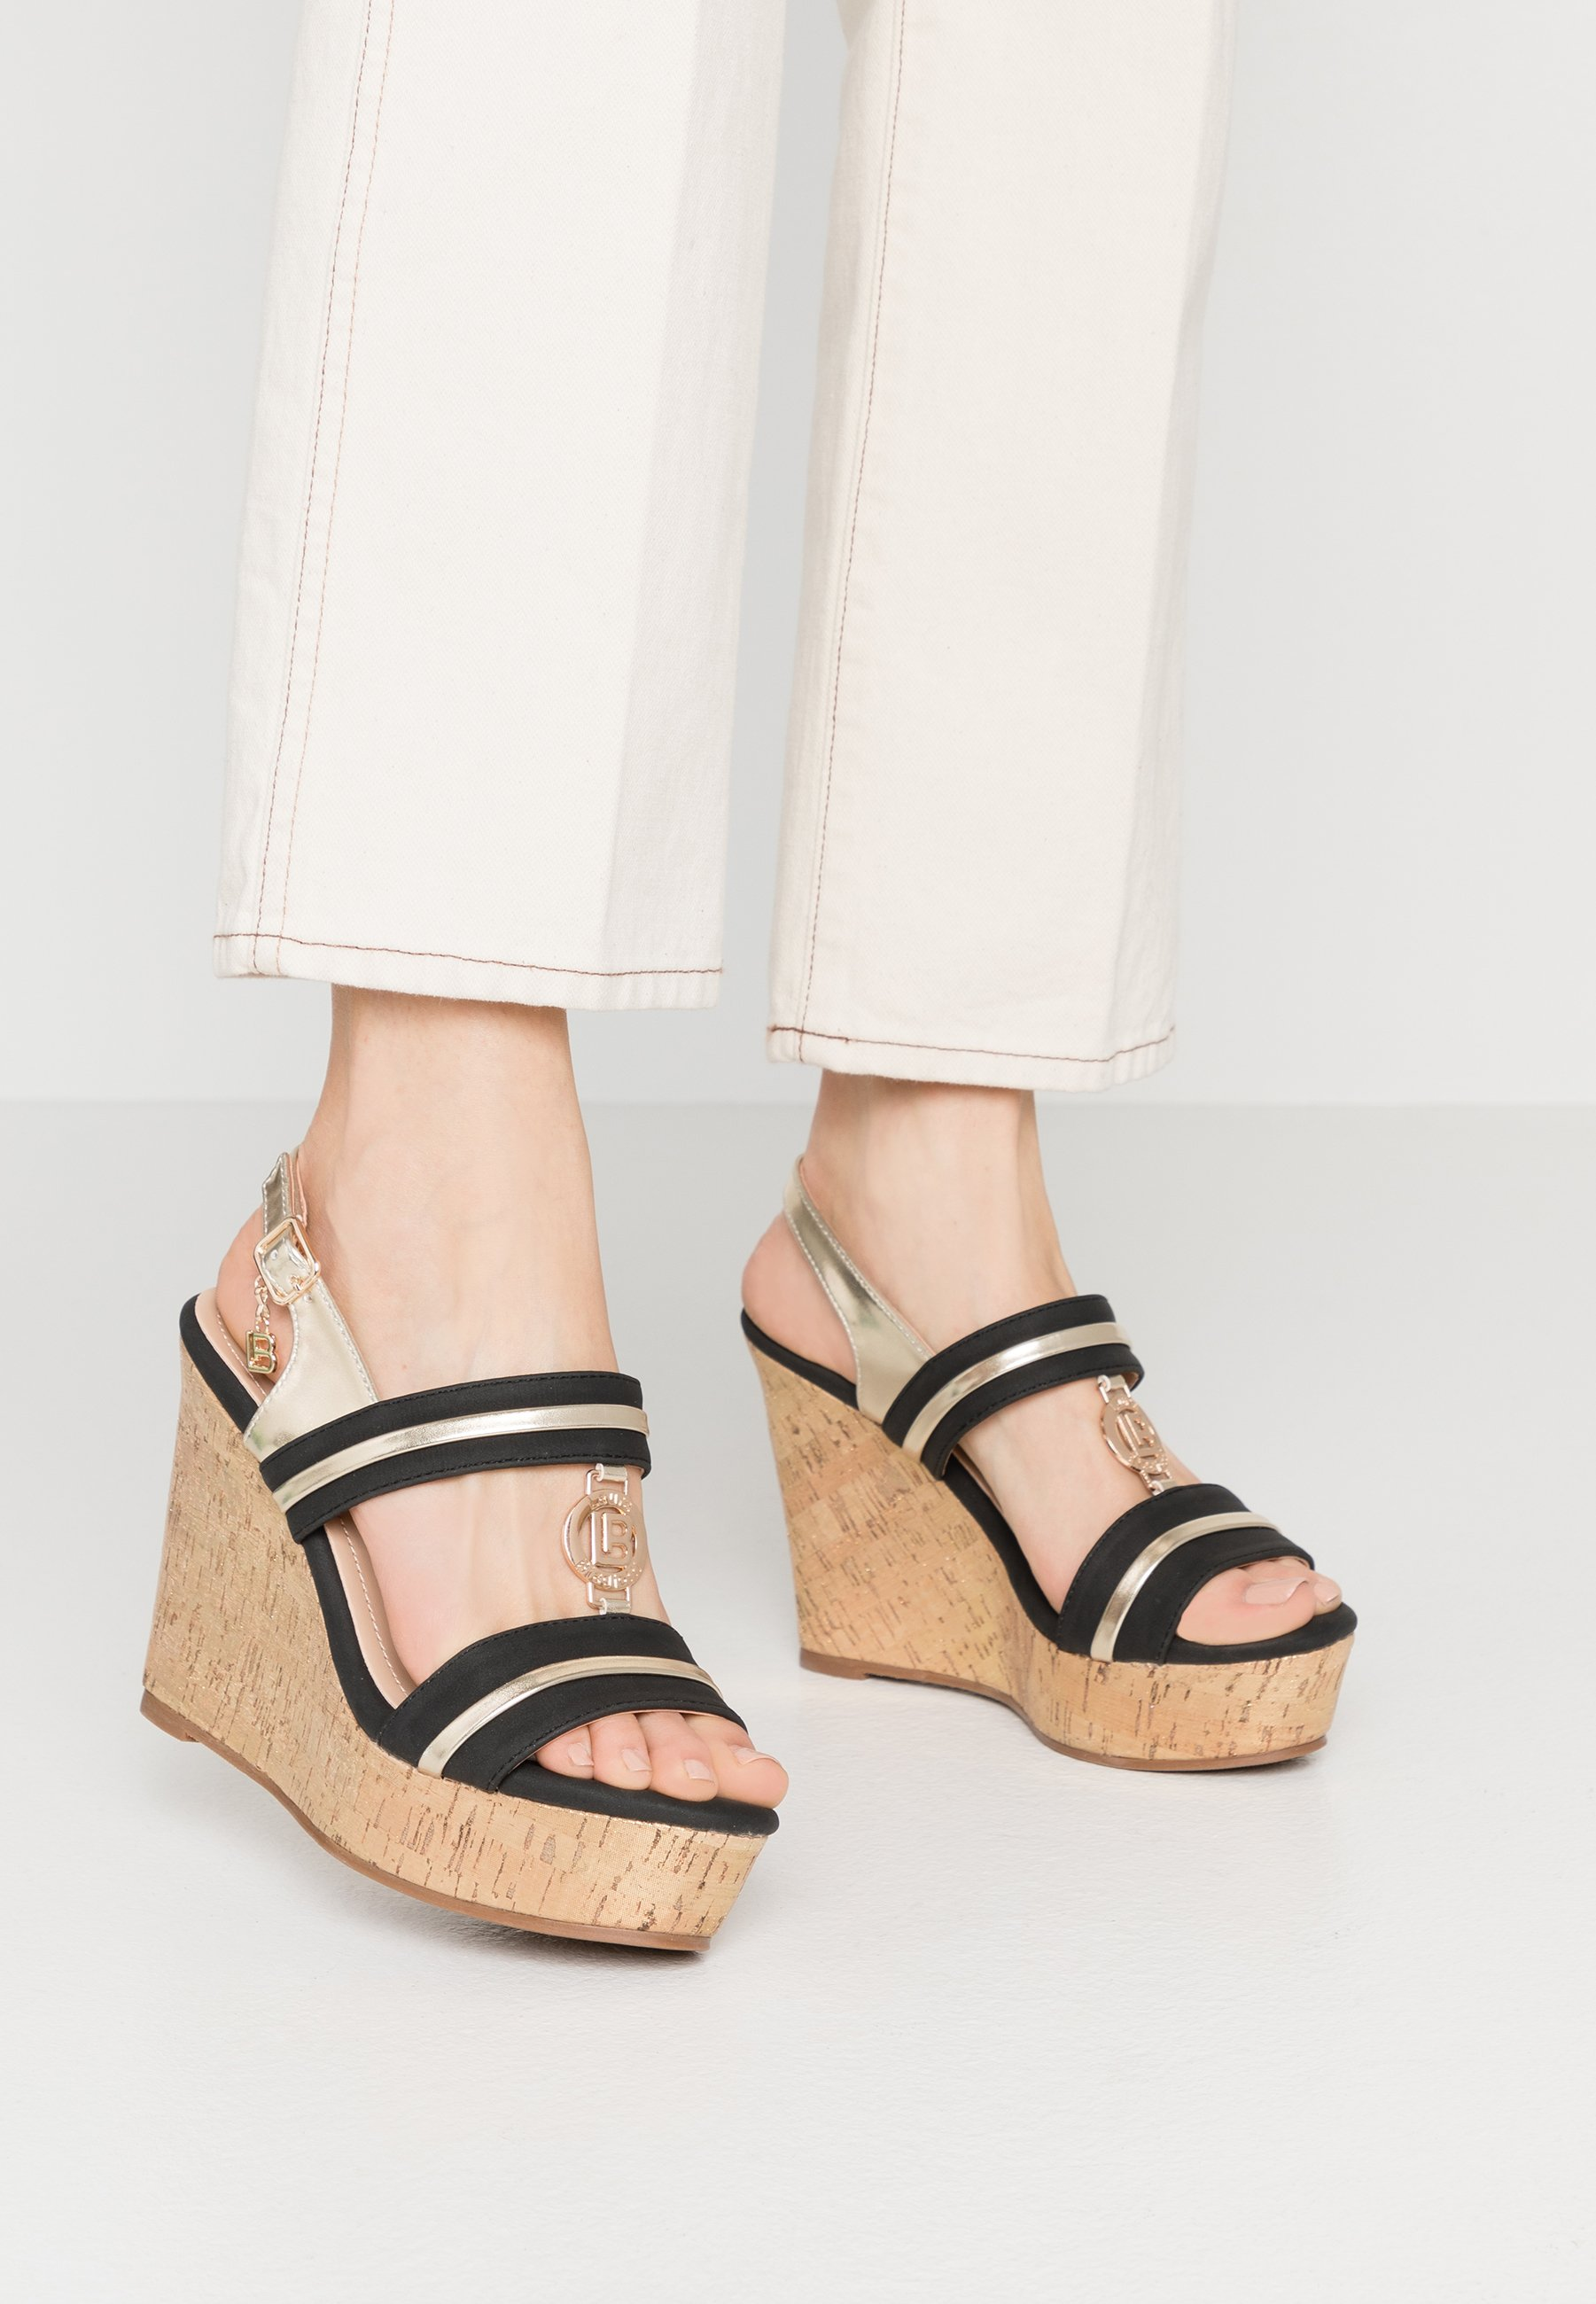 Women High heeled sandals - black